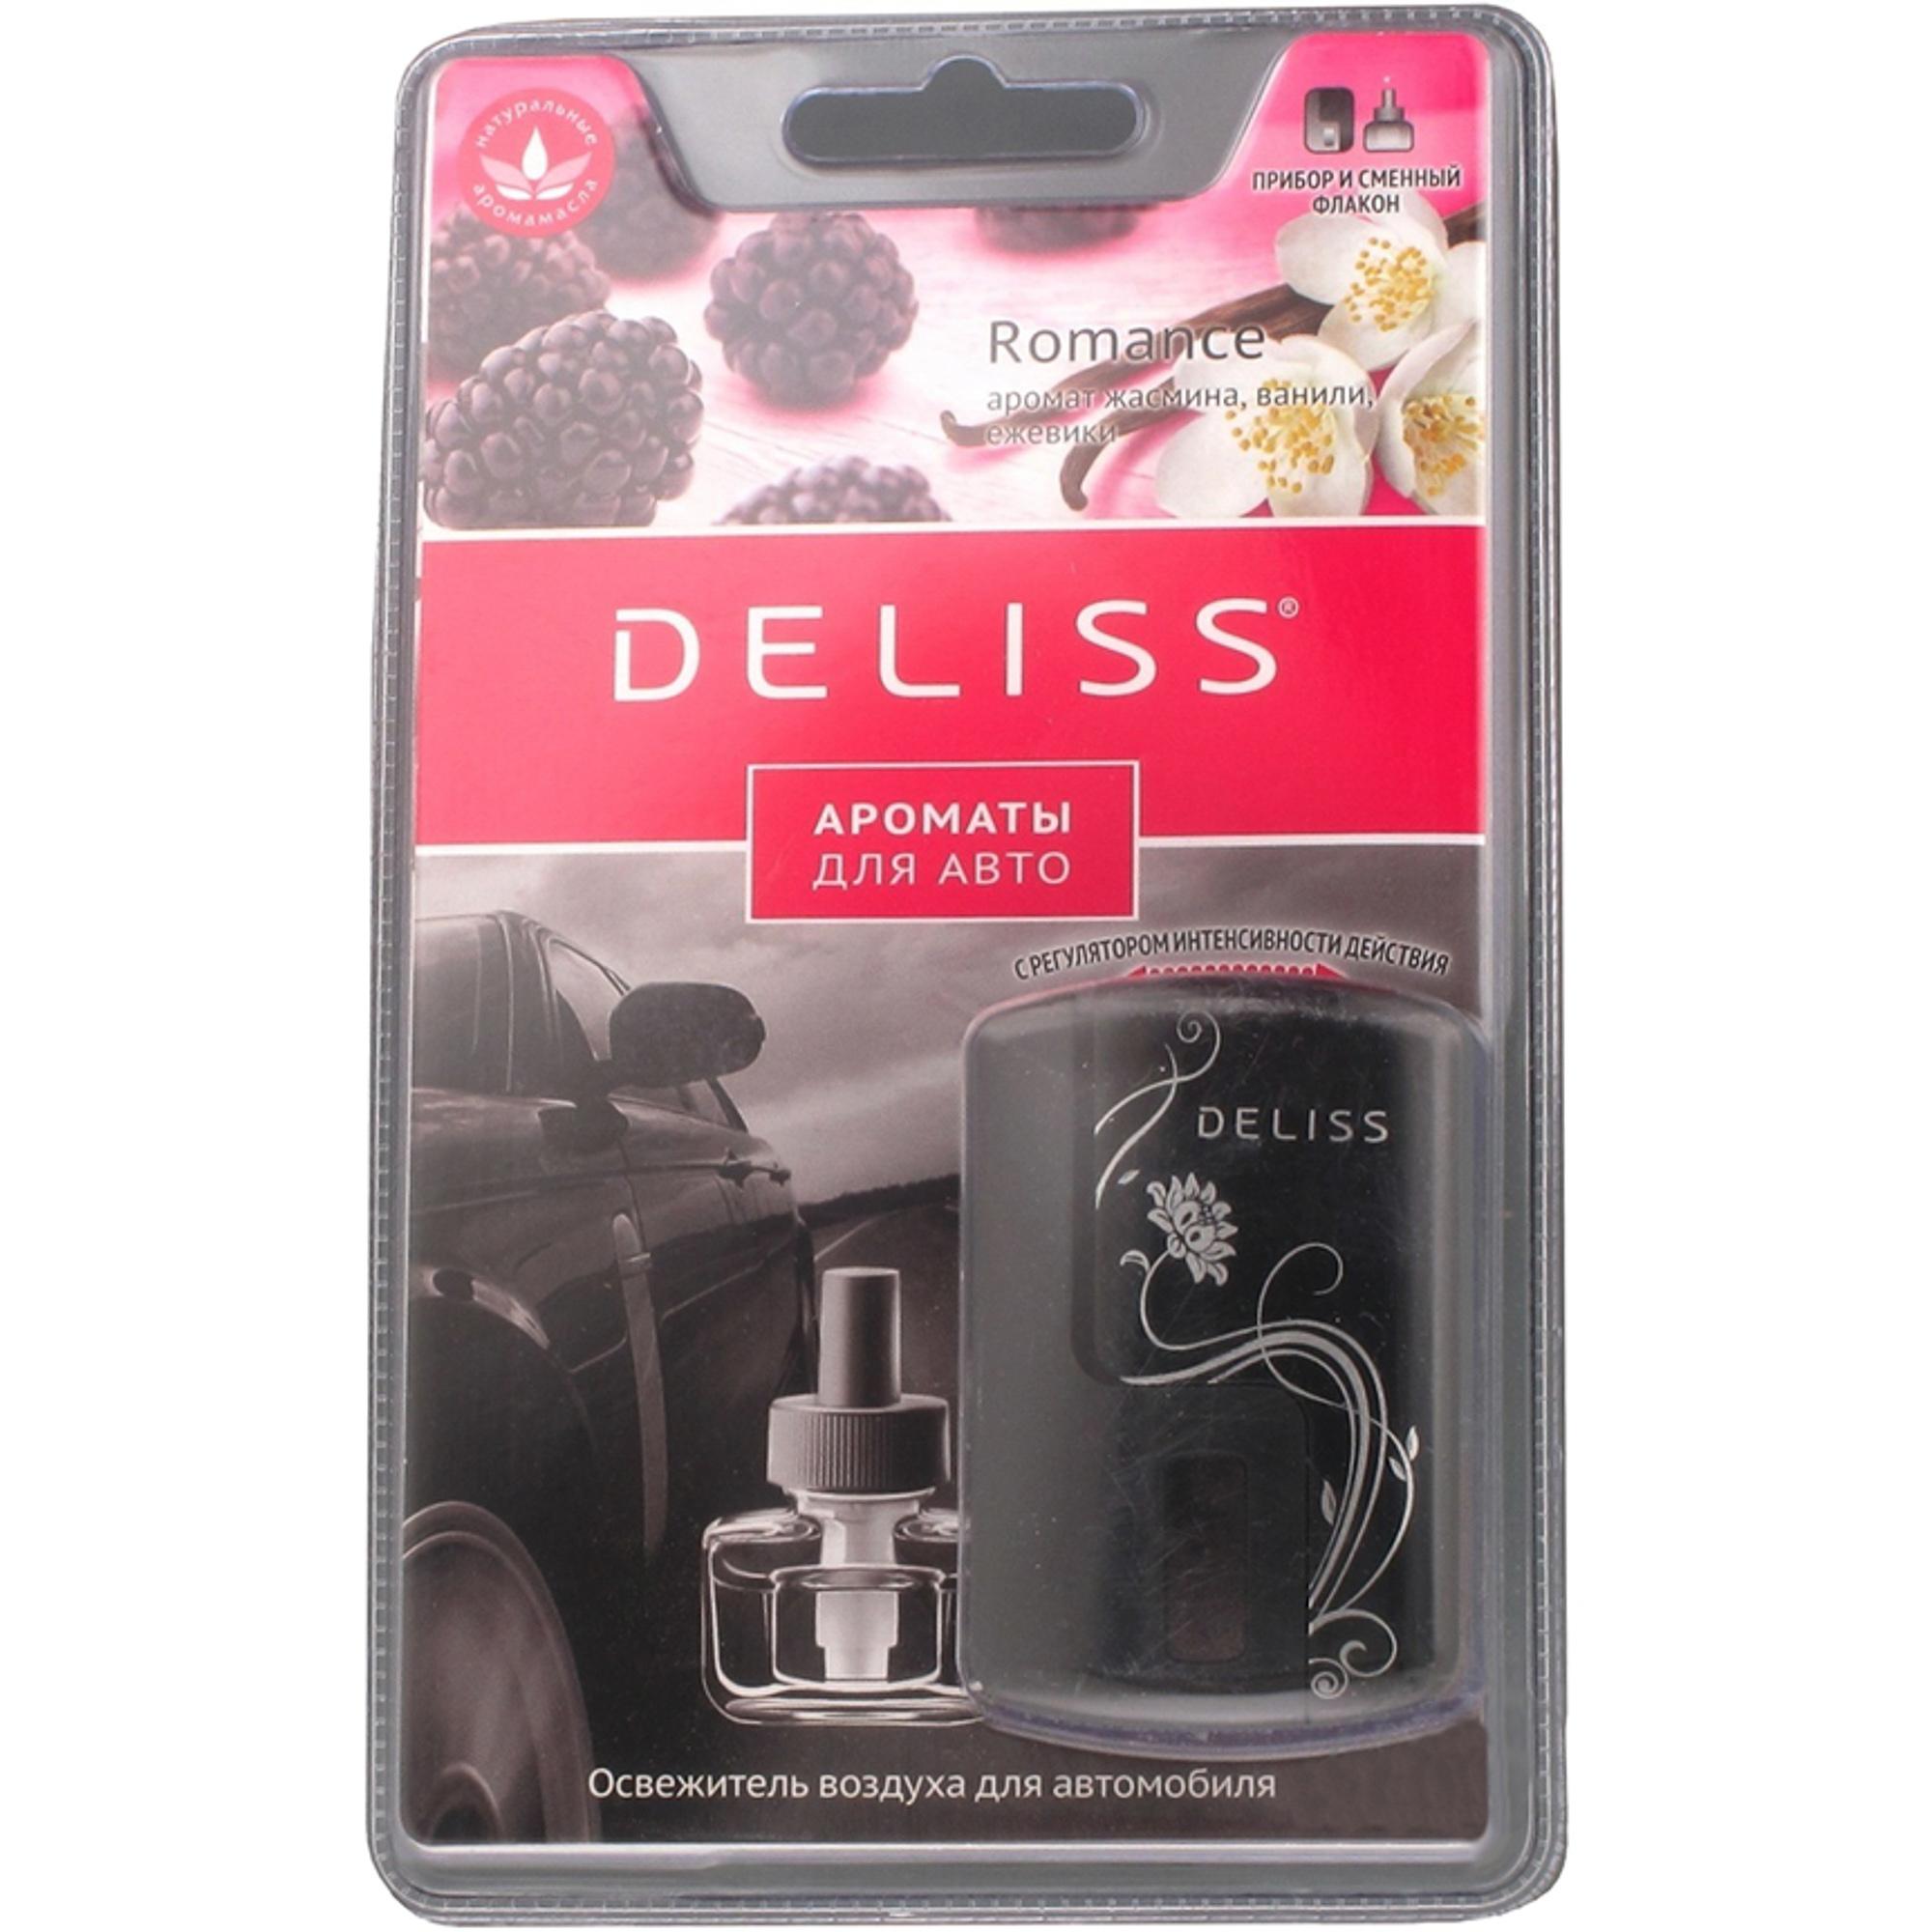 Освежитель воздуха Deliss Romance комплект 8 мл